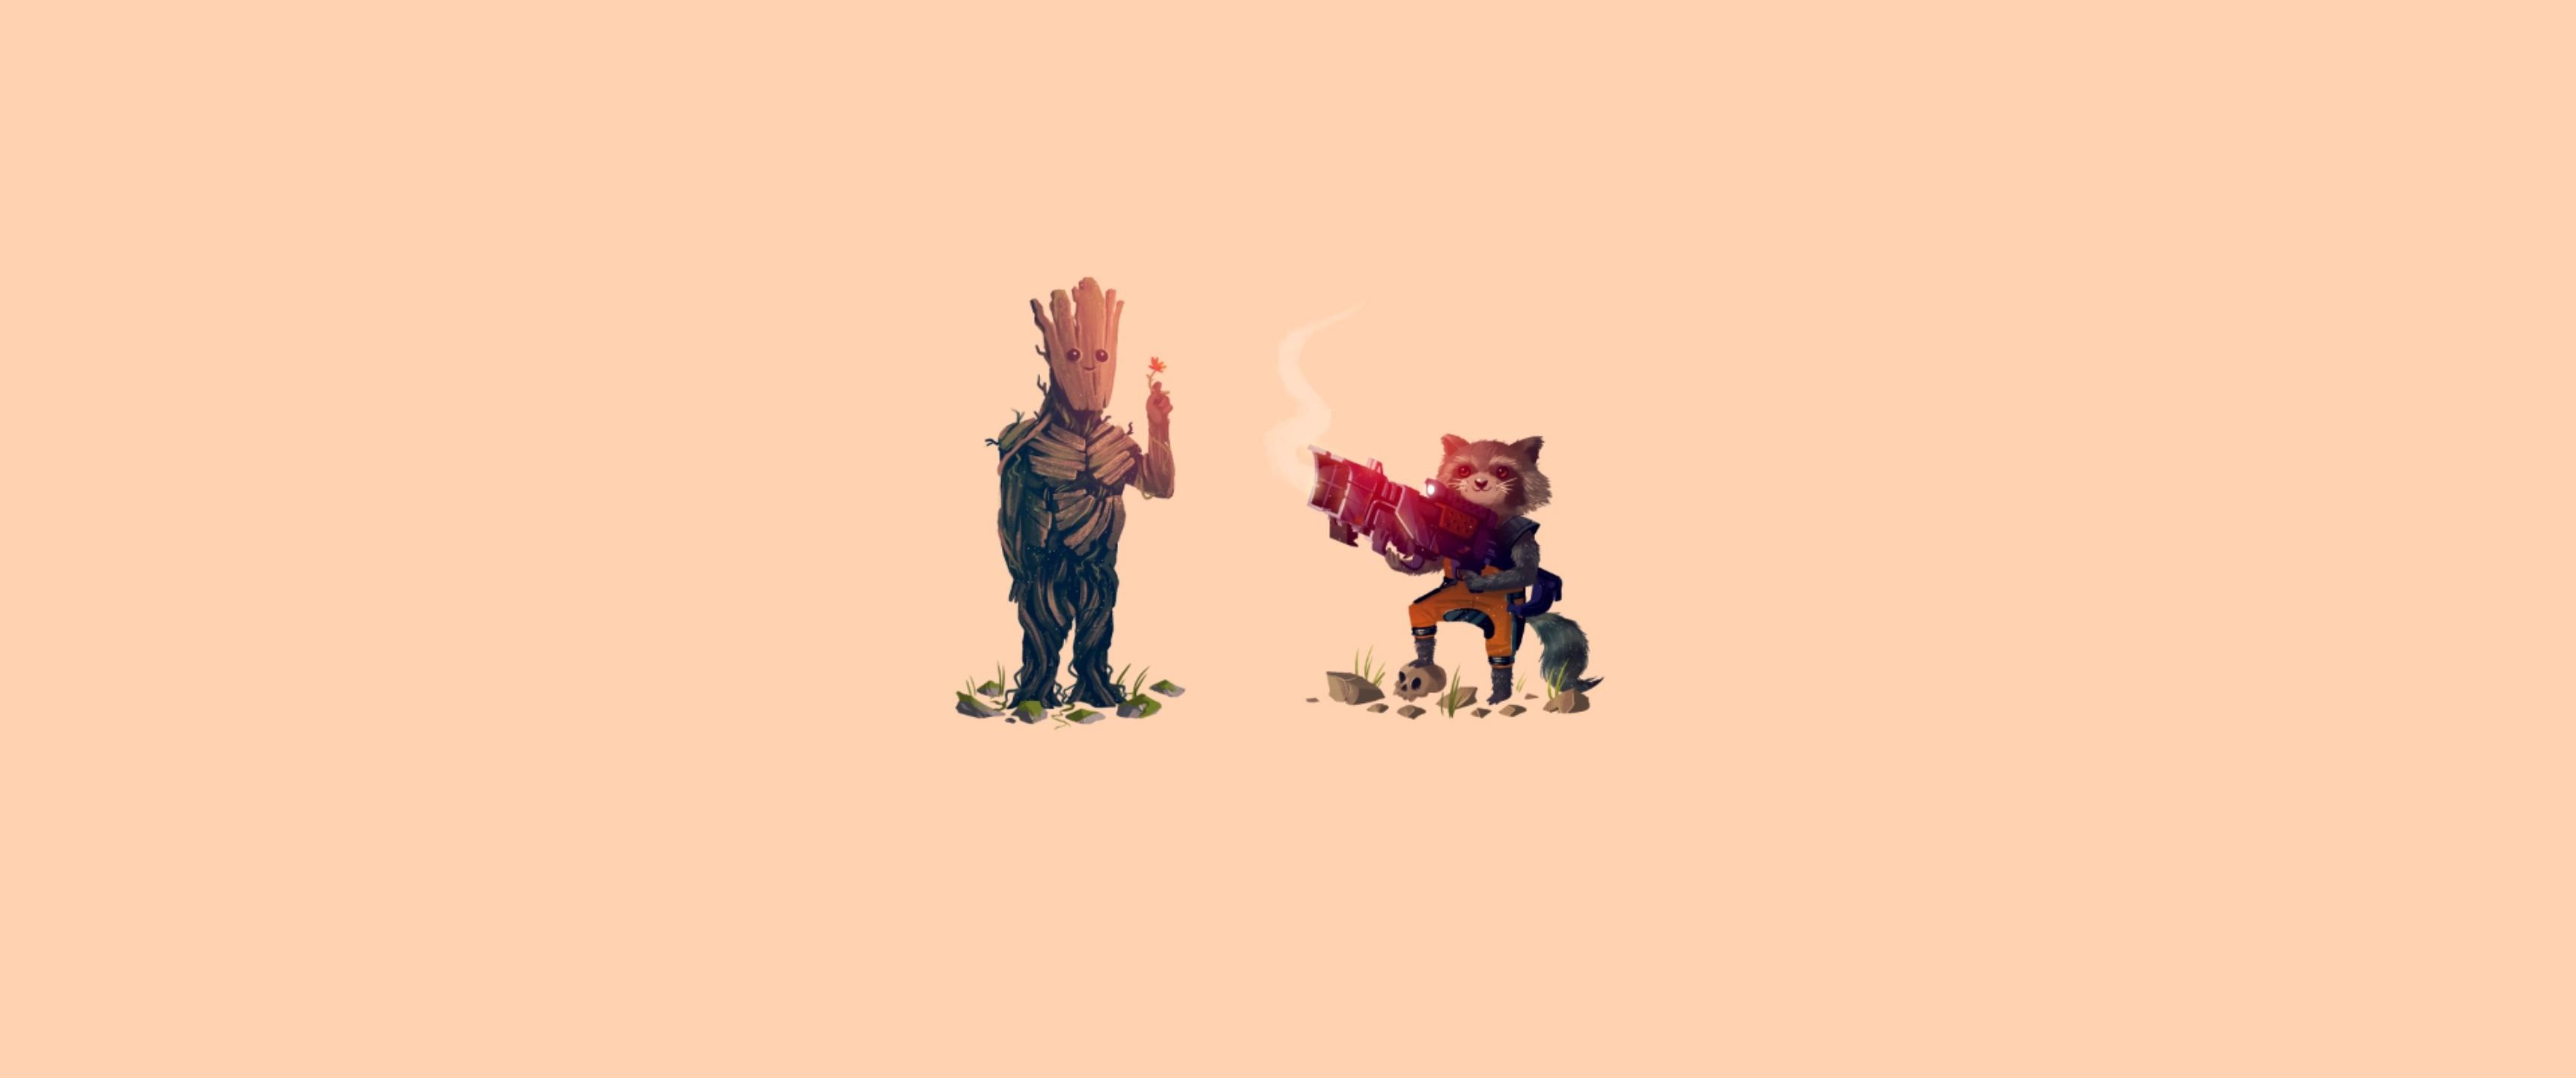 Sfondi : illustrazione cartone animato guardiani della galassia